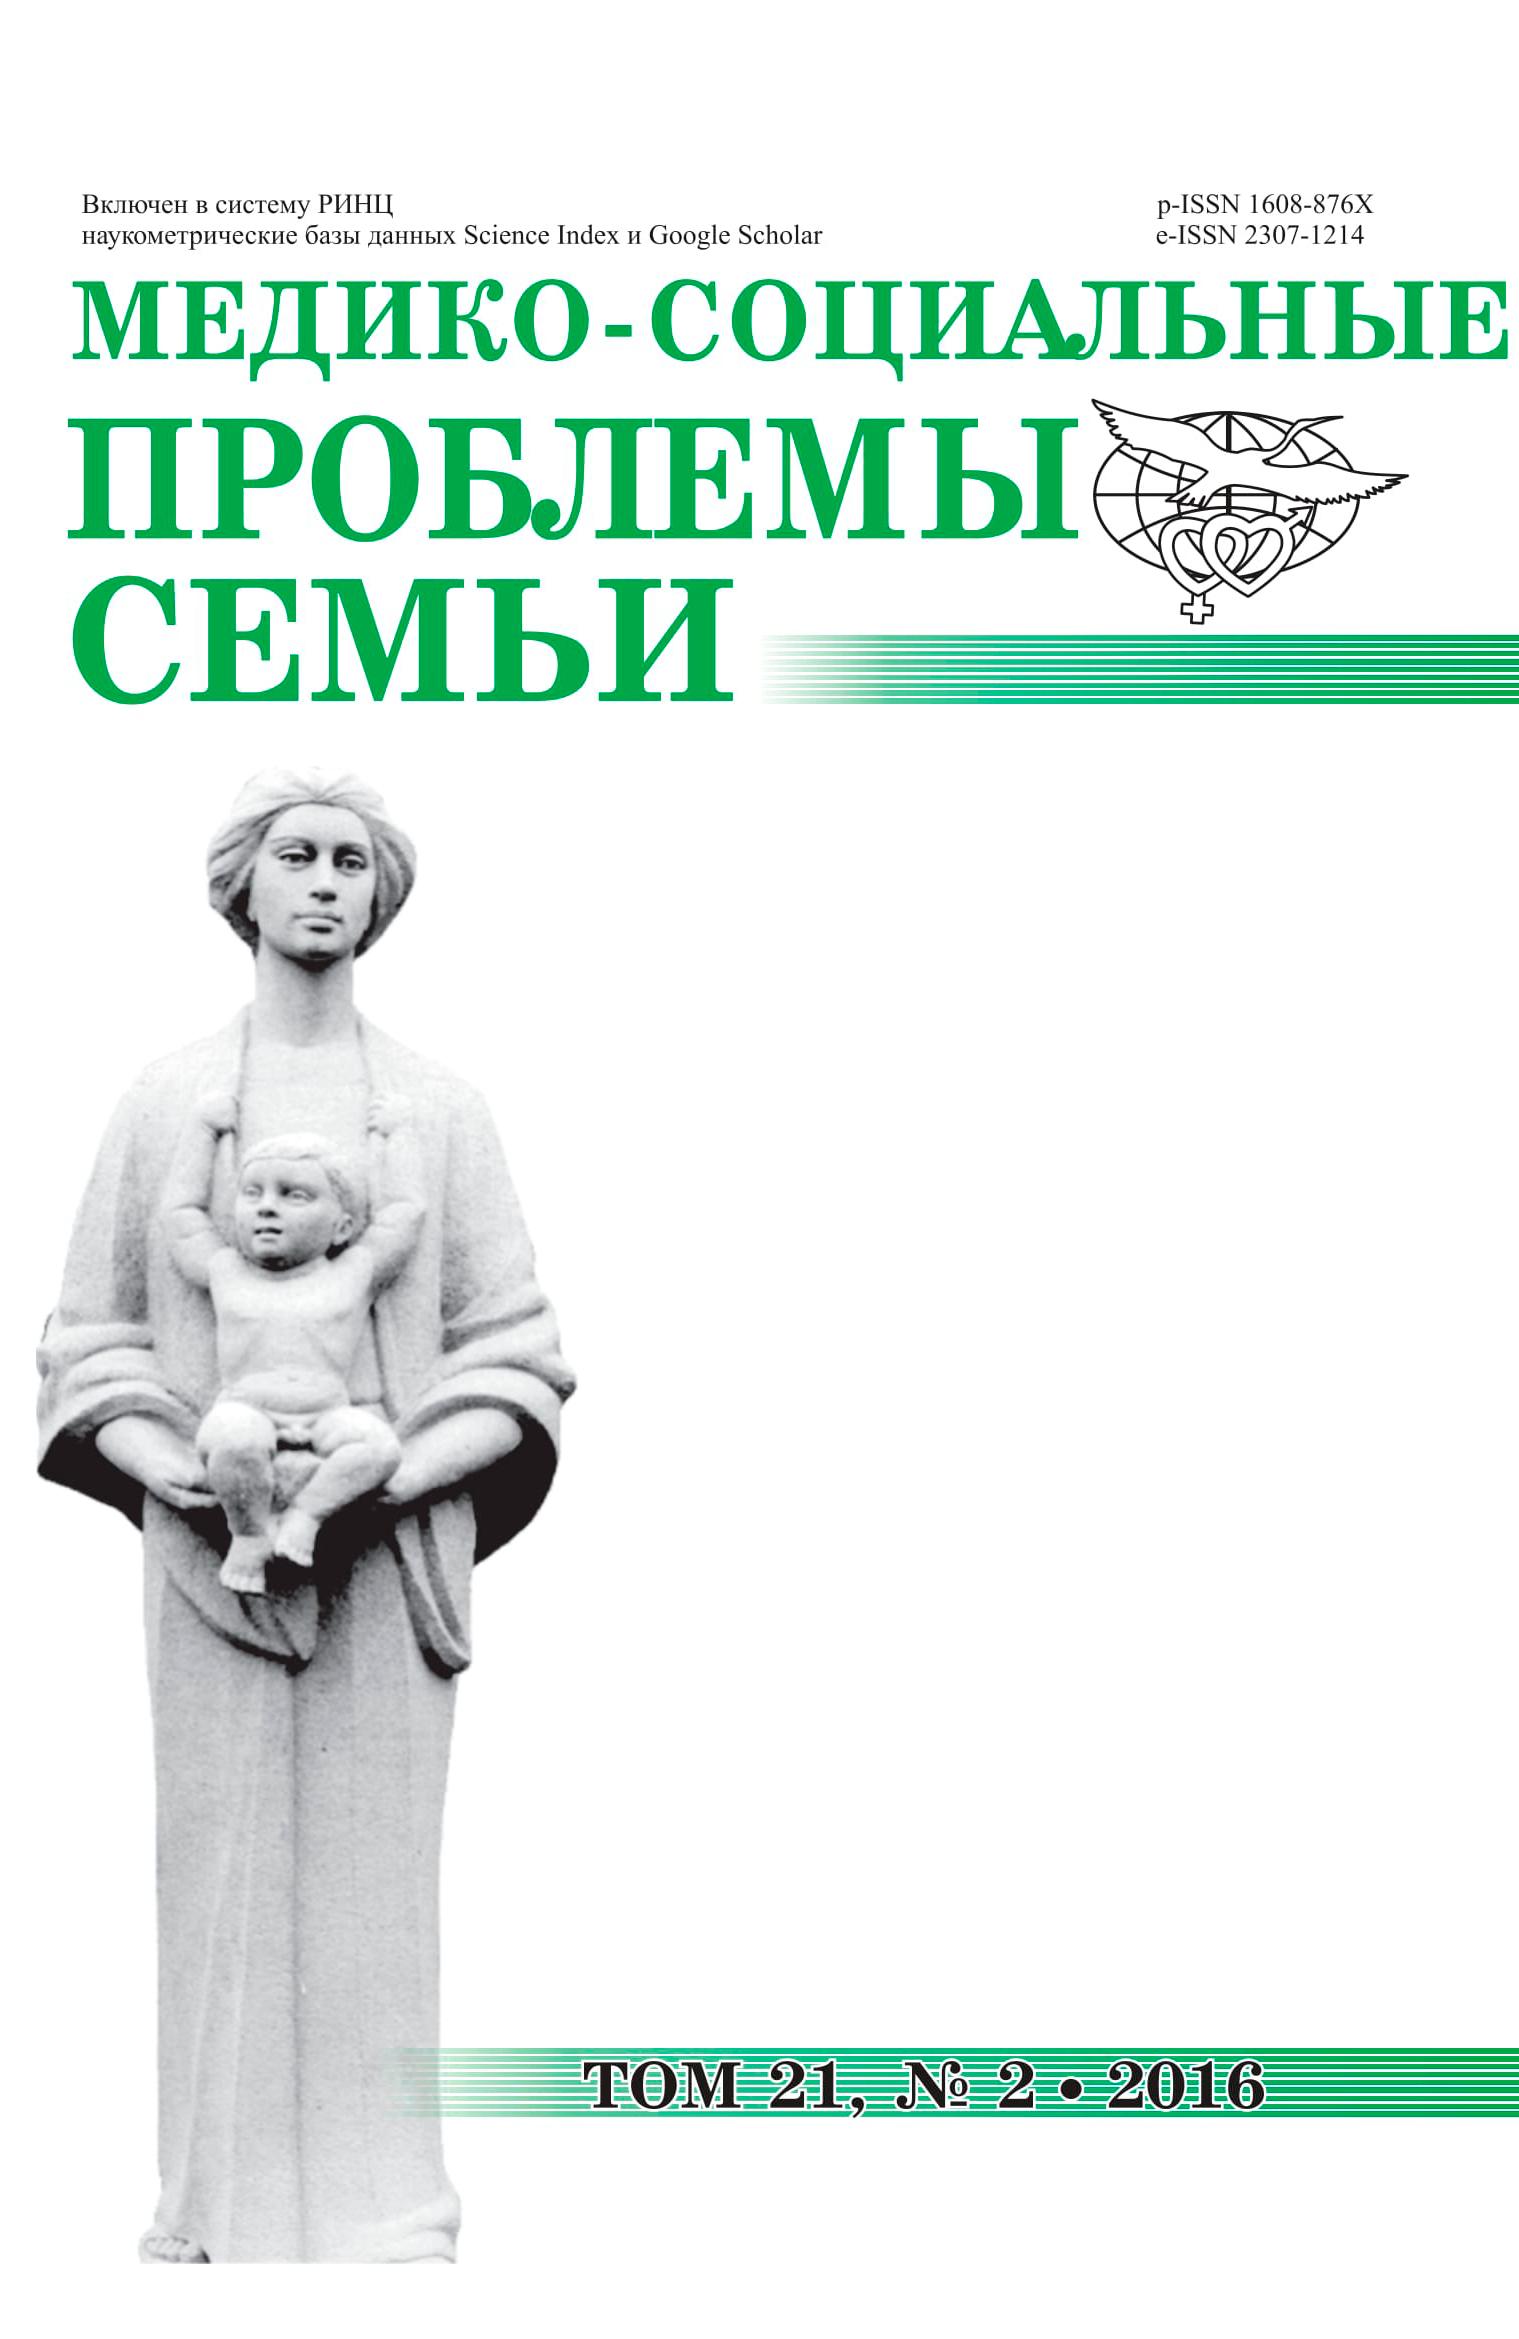 акушерство и ктнекология журнал